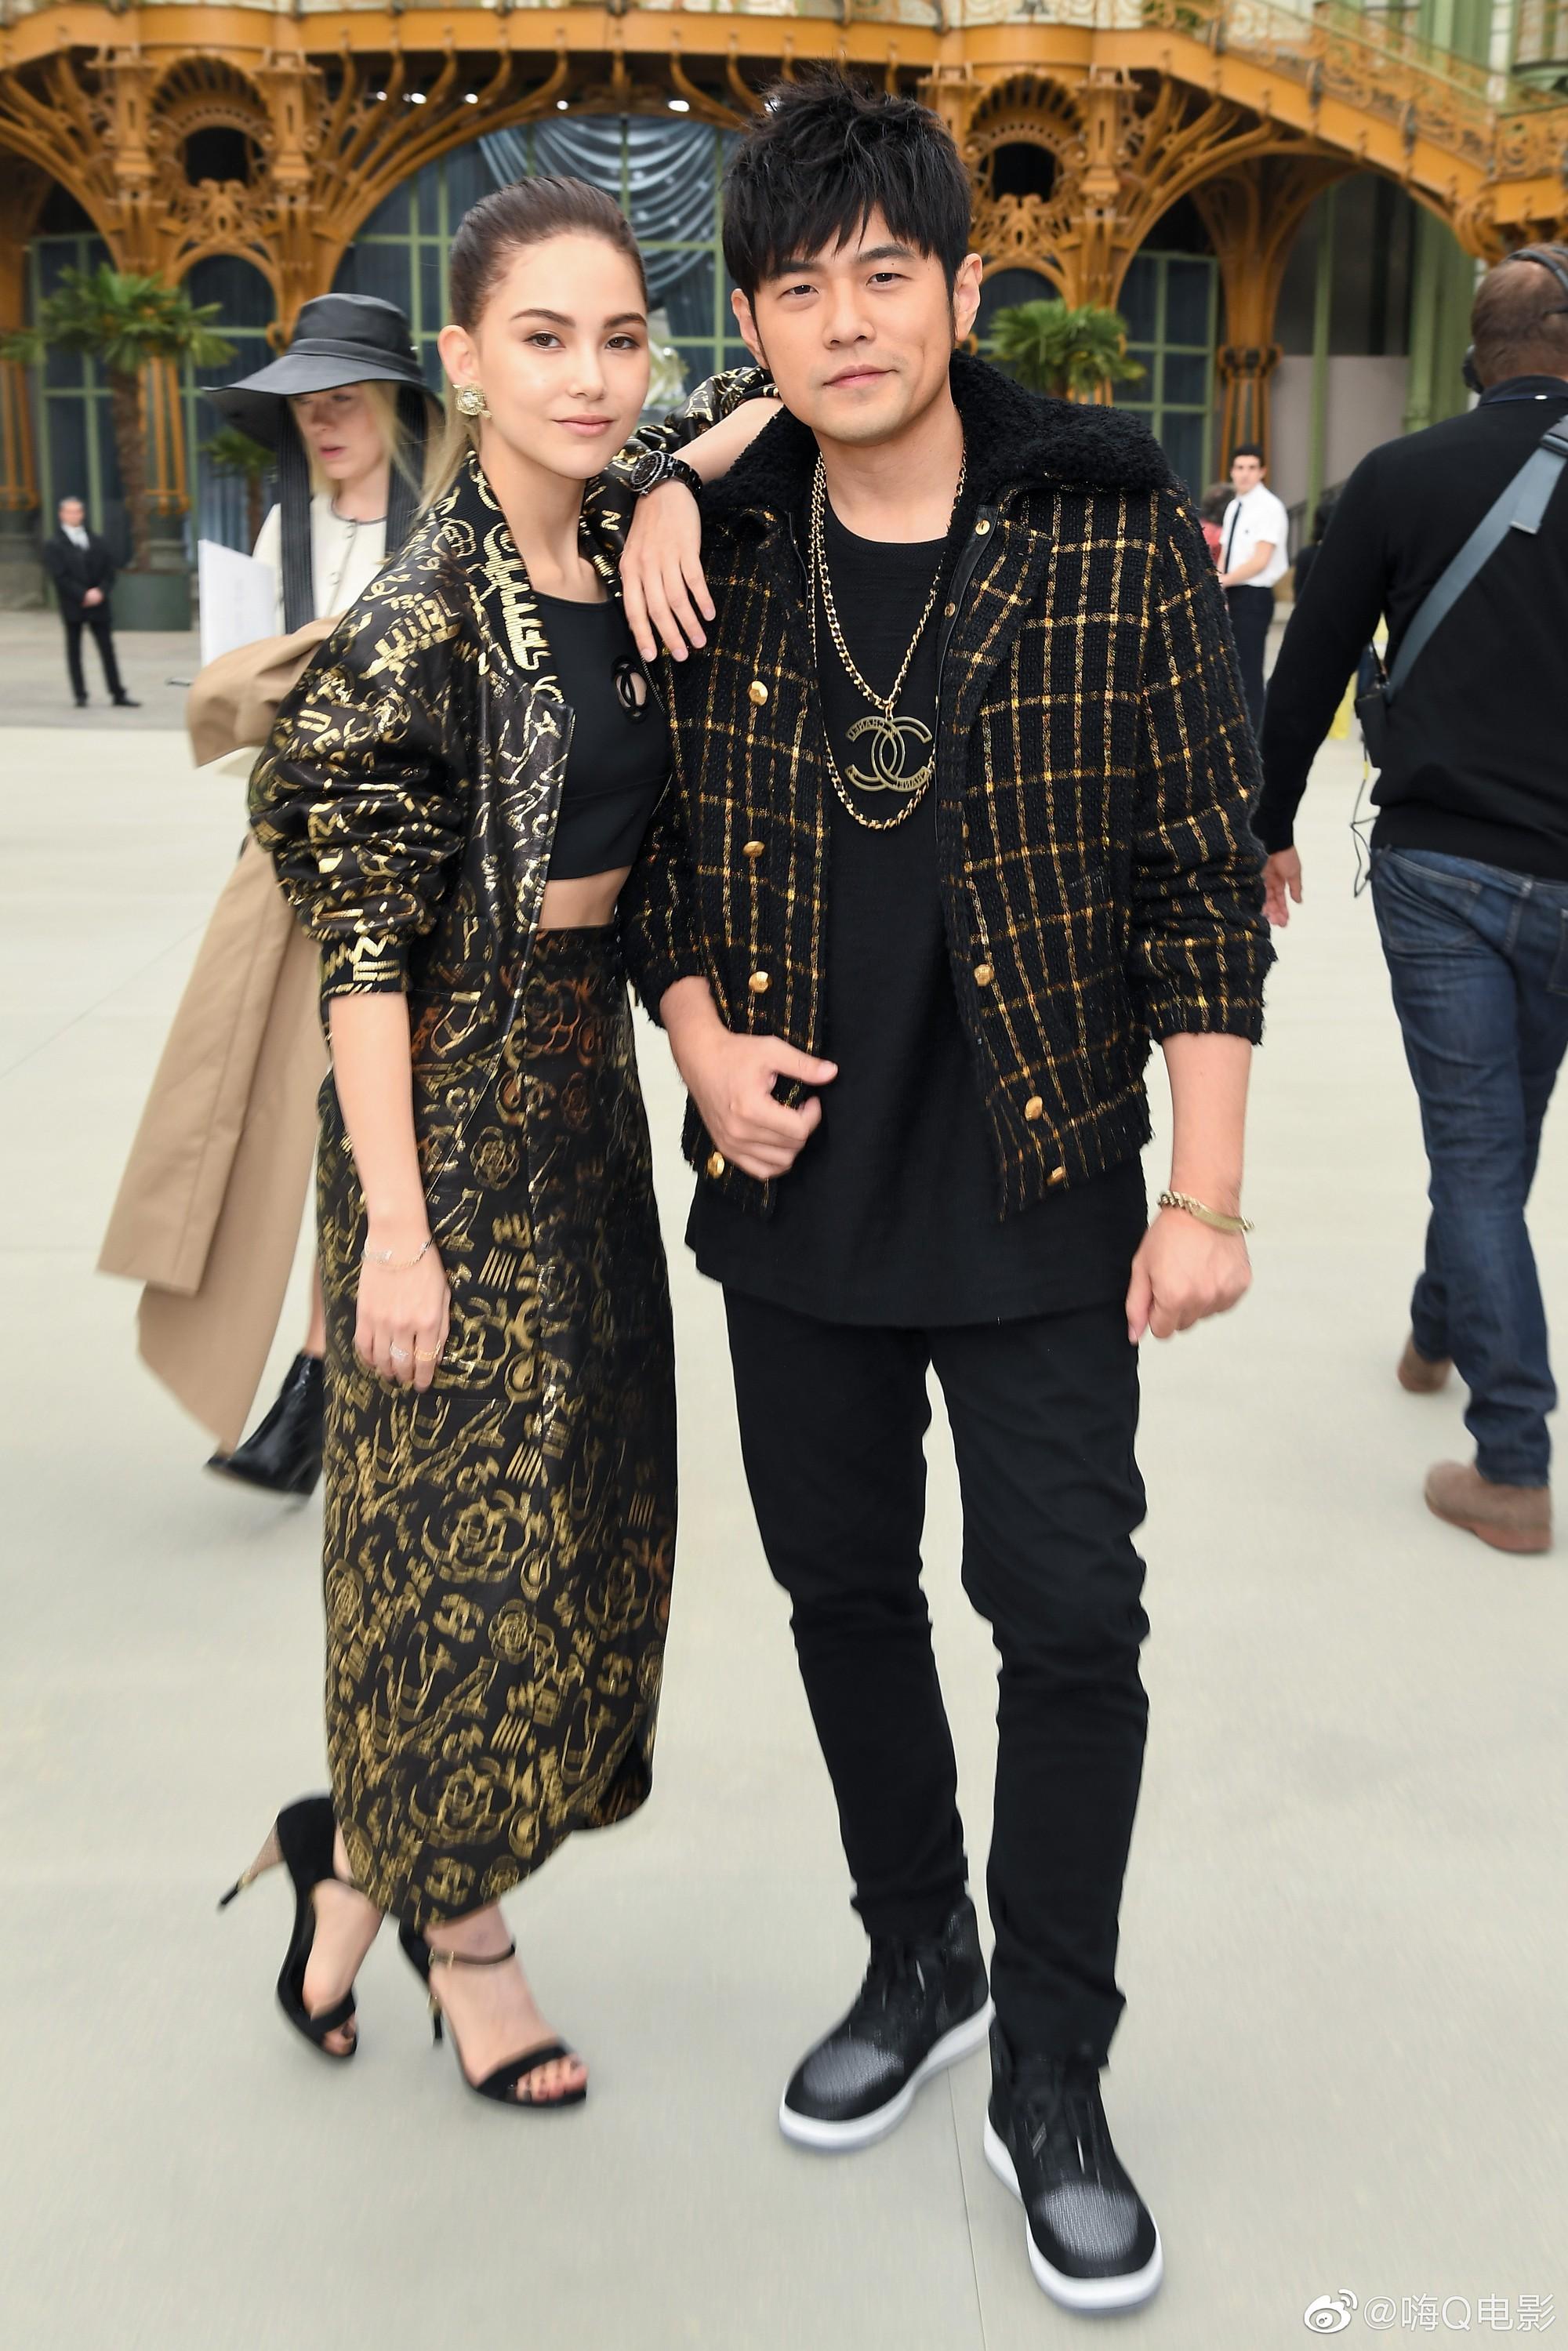 Đến hẹn lại lên, vợ chồng Châu Kiệt Luân - Côn Lăng chặt chém dàn khách mời VIP nhất Paris - Ảnh 8.